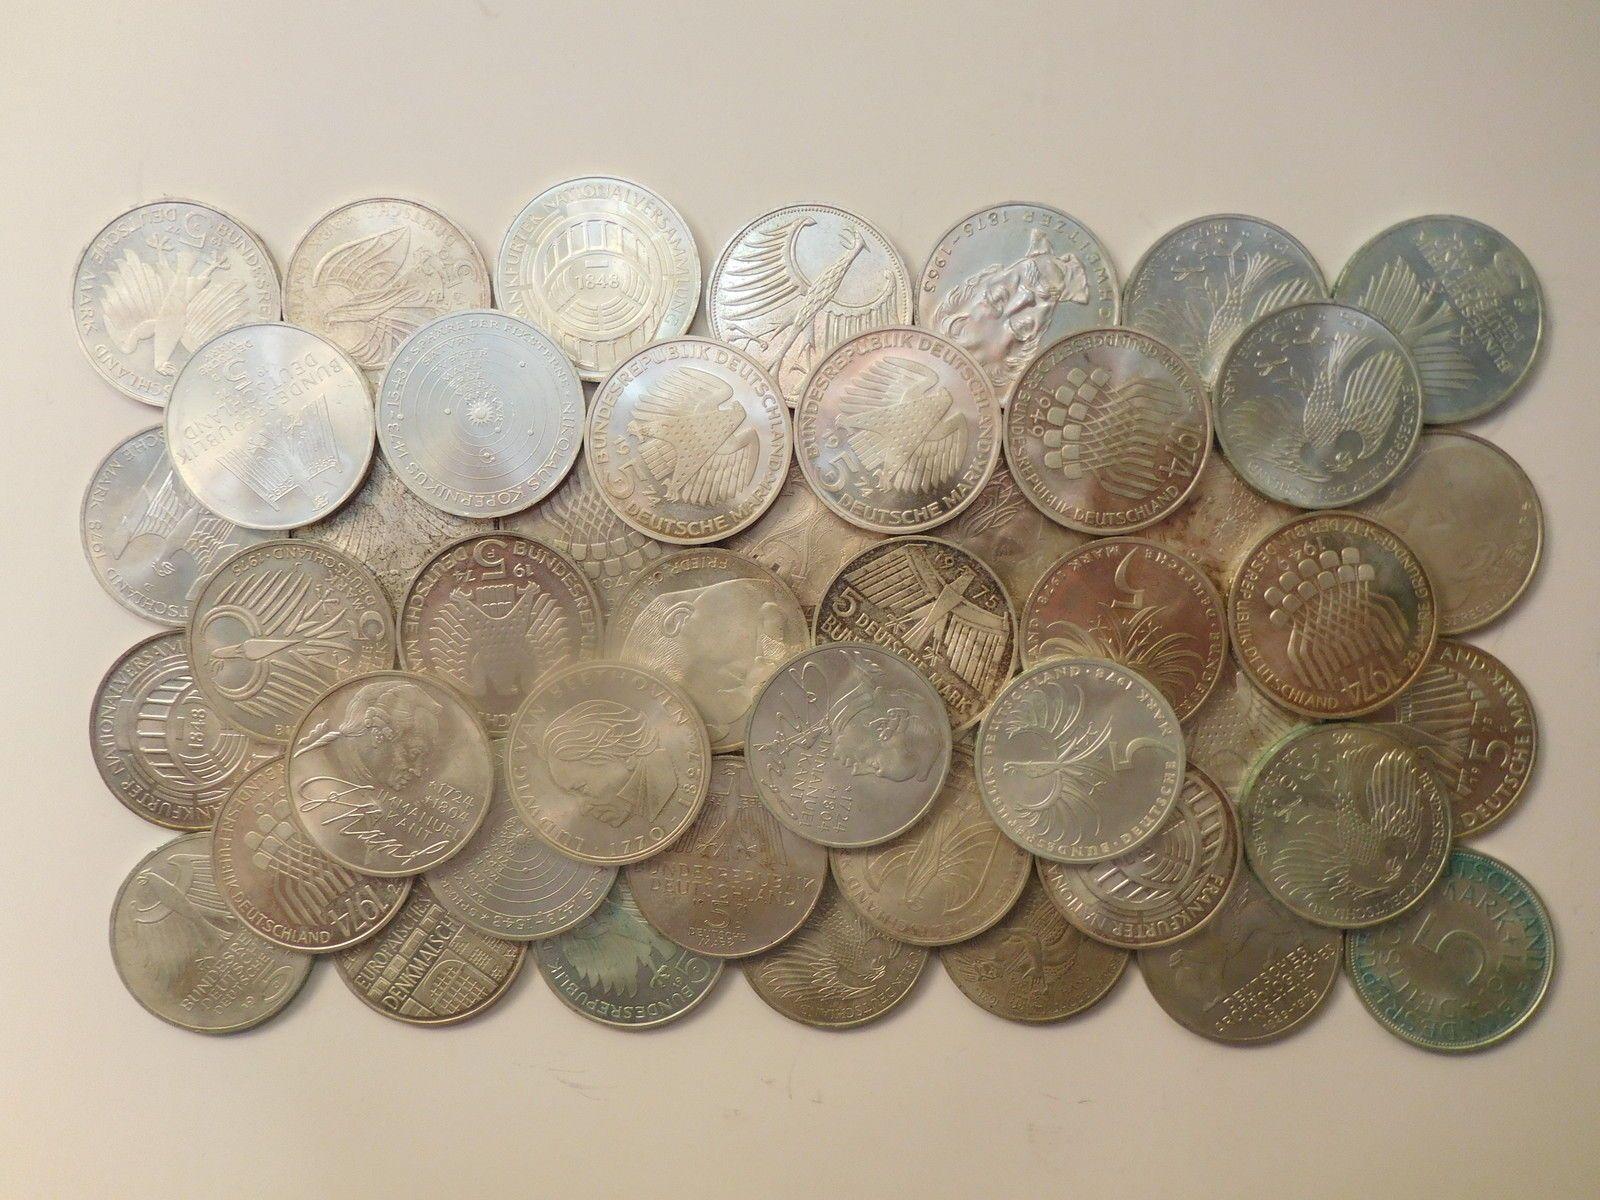 350 Gramm Silber Fein In 50 Mal 5 Dm Münzen Silver Ag Anlagesparen25